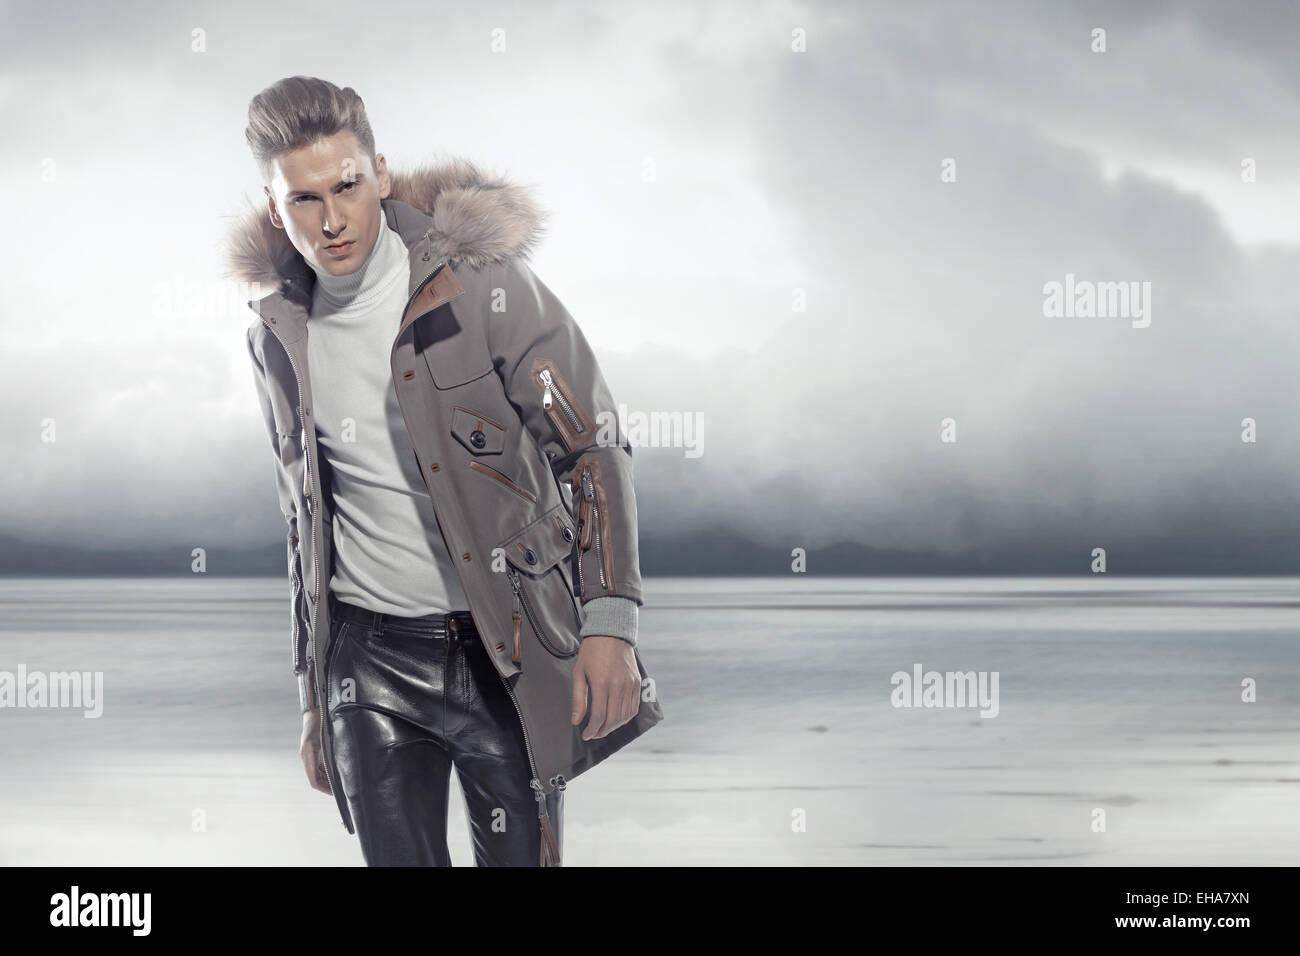 Homme élégant marche dans l'hiver gel Photo Stock